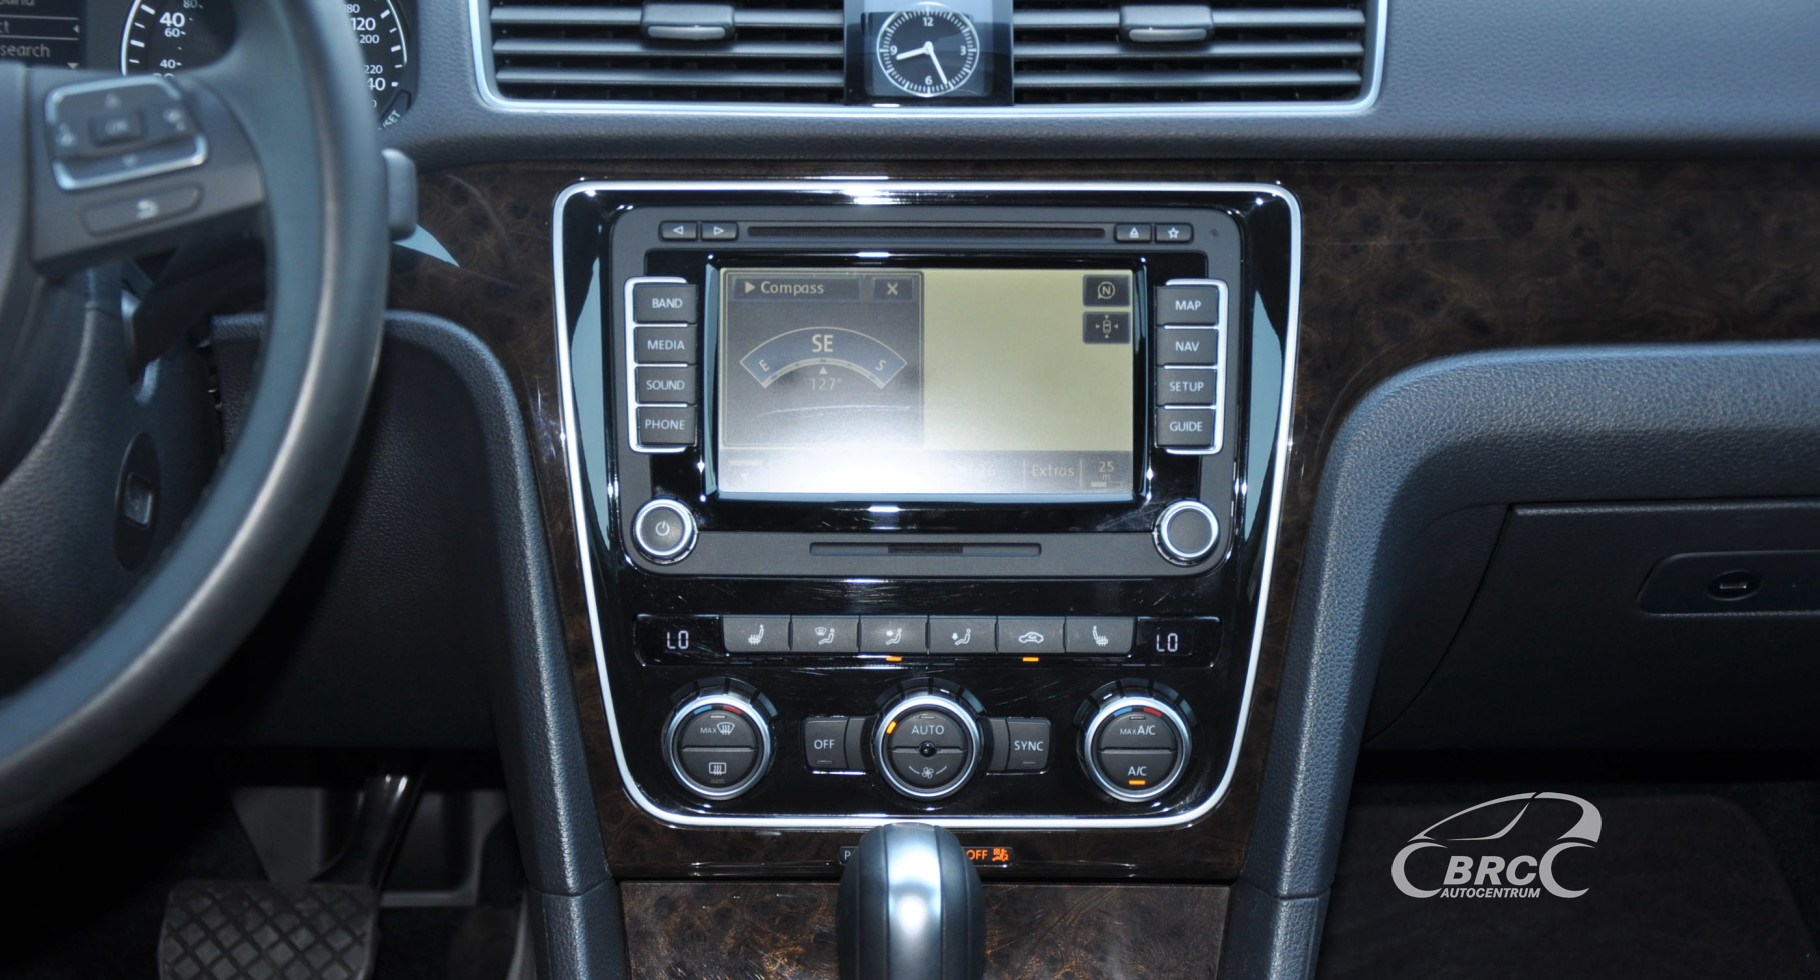 Volkswagen Passat 1.8 TSI SEL Automatas